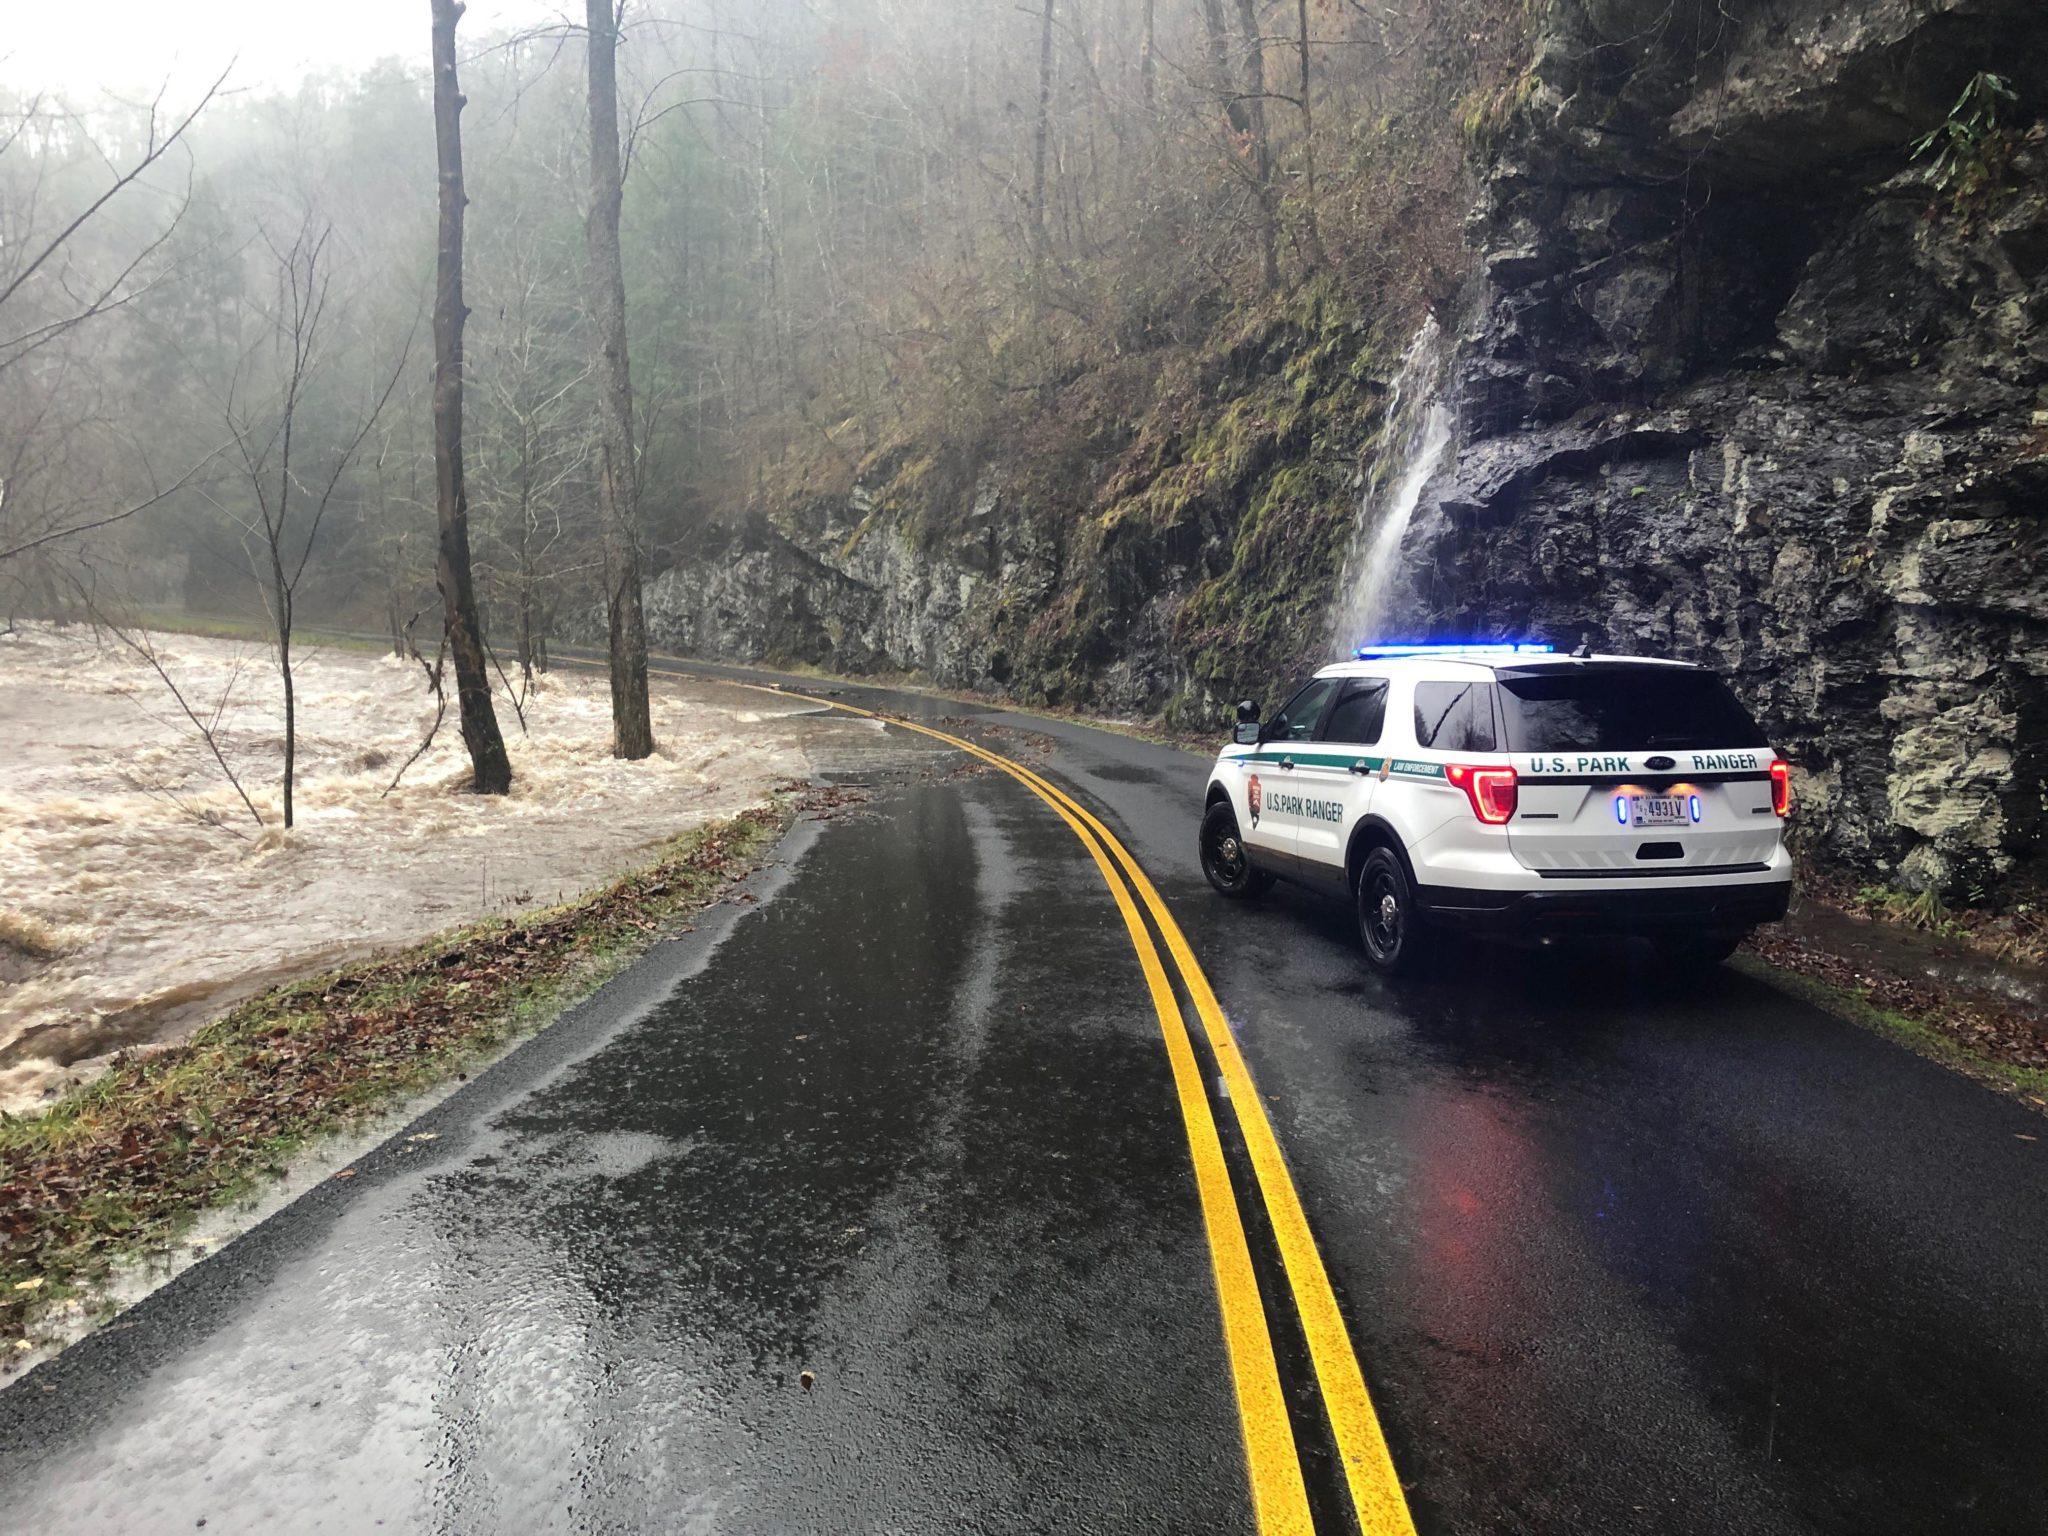 flooding in GSMNP Feb 6, 2020 - NPS